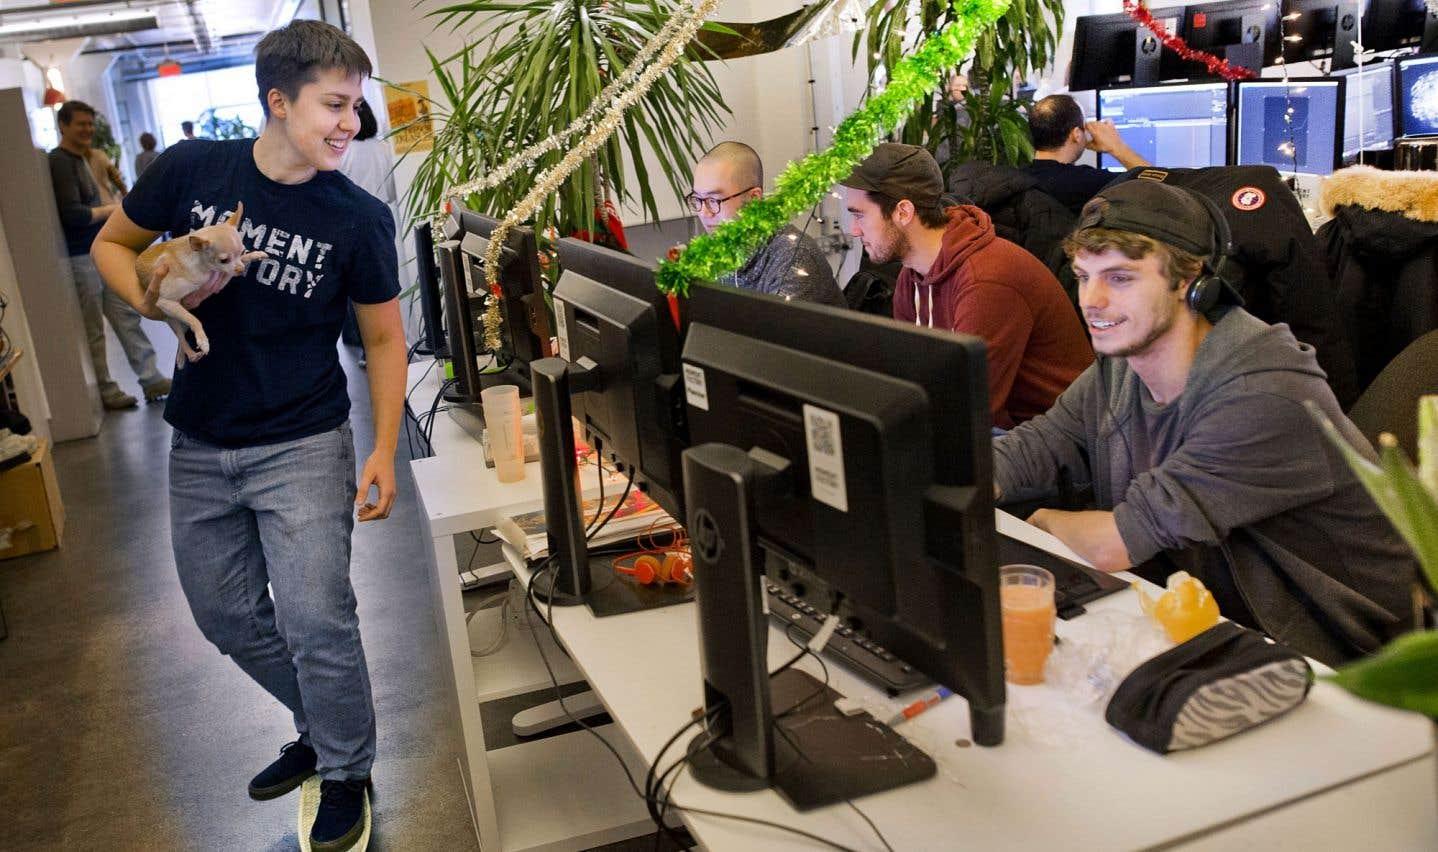 La petite révolution des lieux de travail, en quête d'authenticité